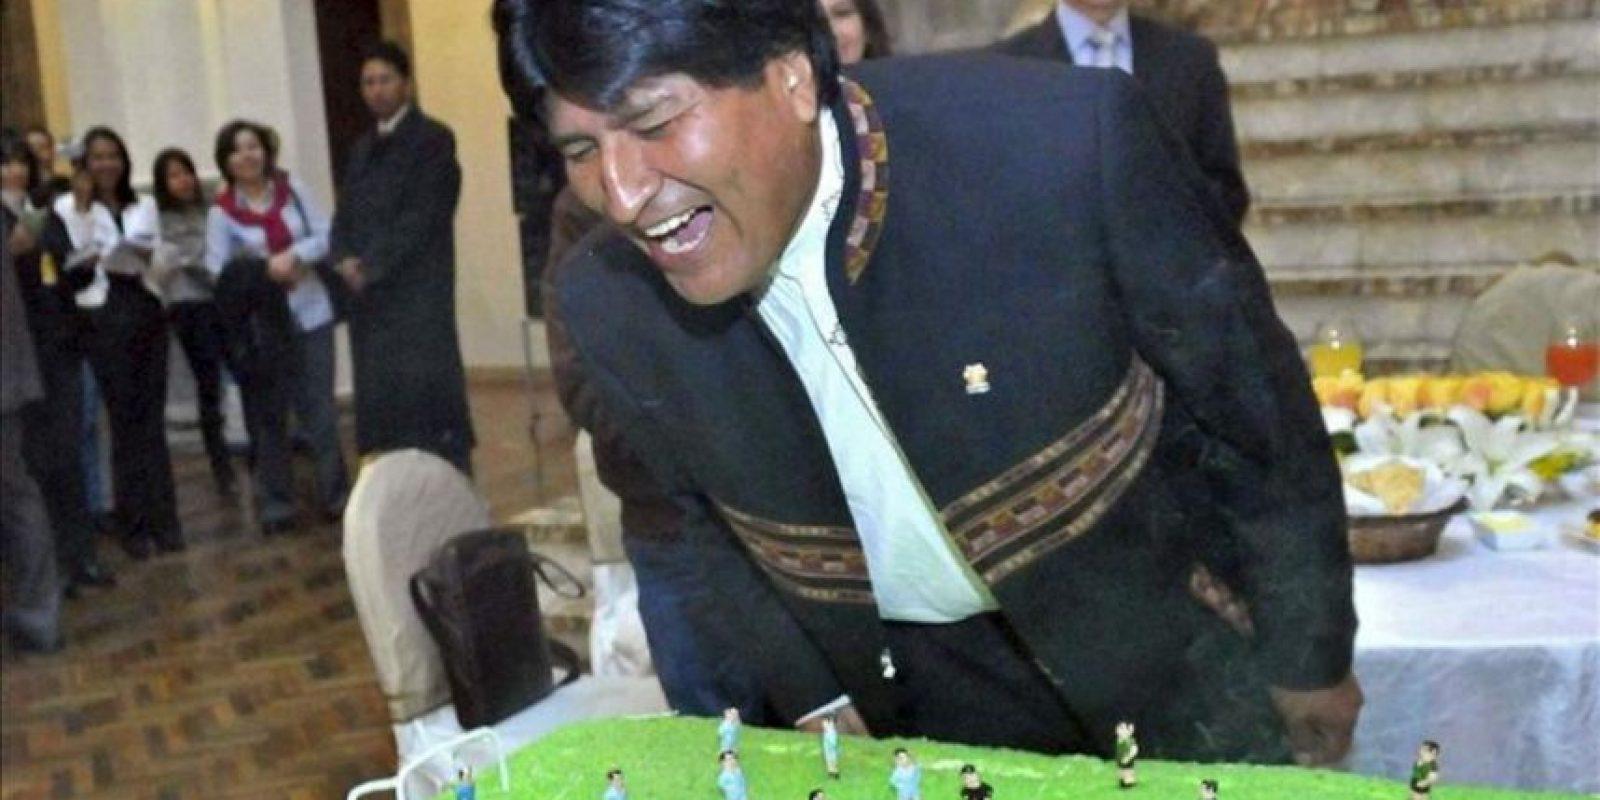 Fotografía cedida por la Agencia Boliviana de información del presidente de Bolivia, Evo Morales, mientras apaga las velas de una torta. EFE